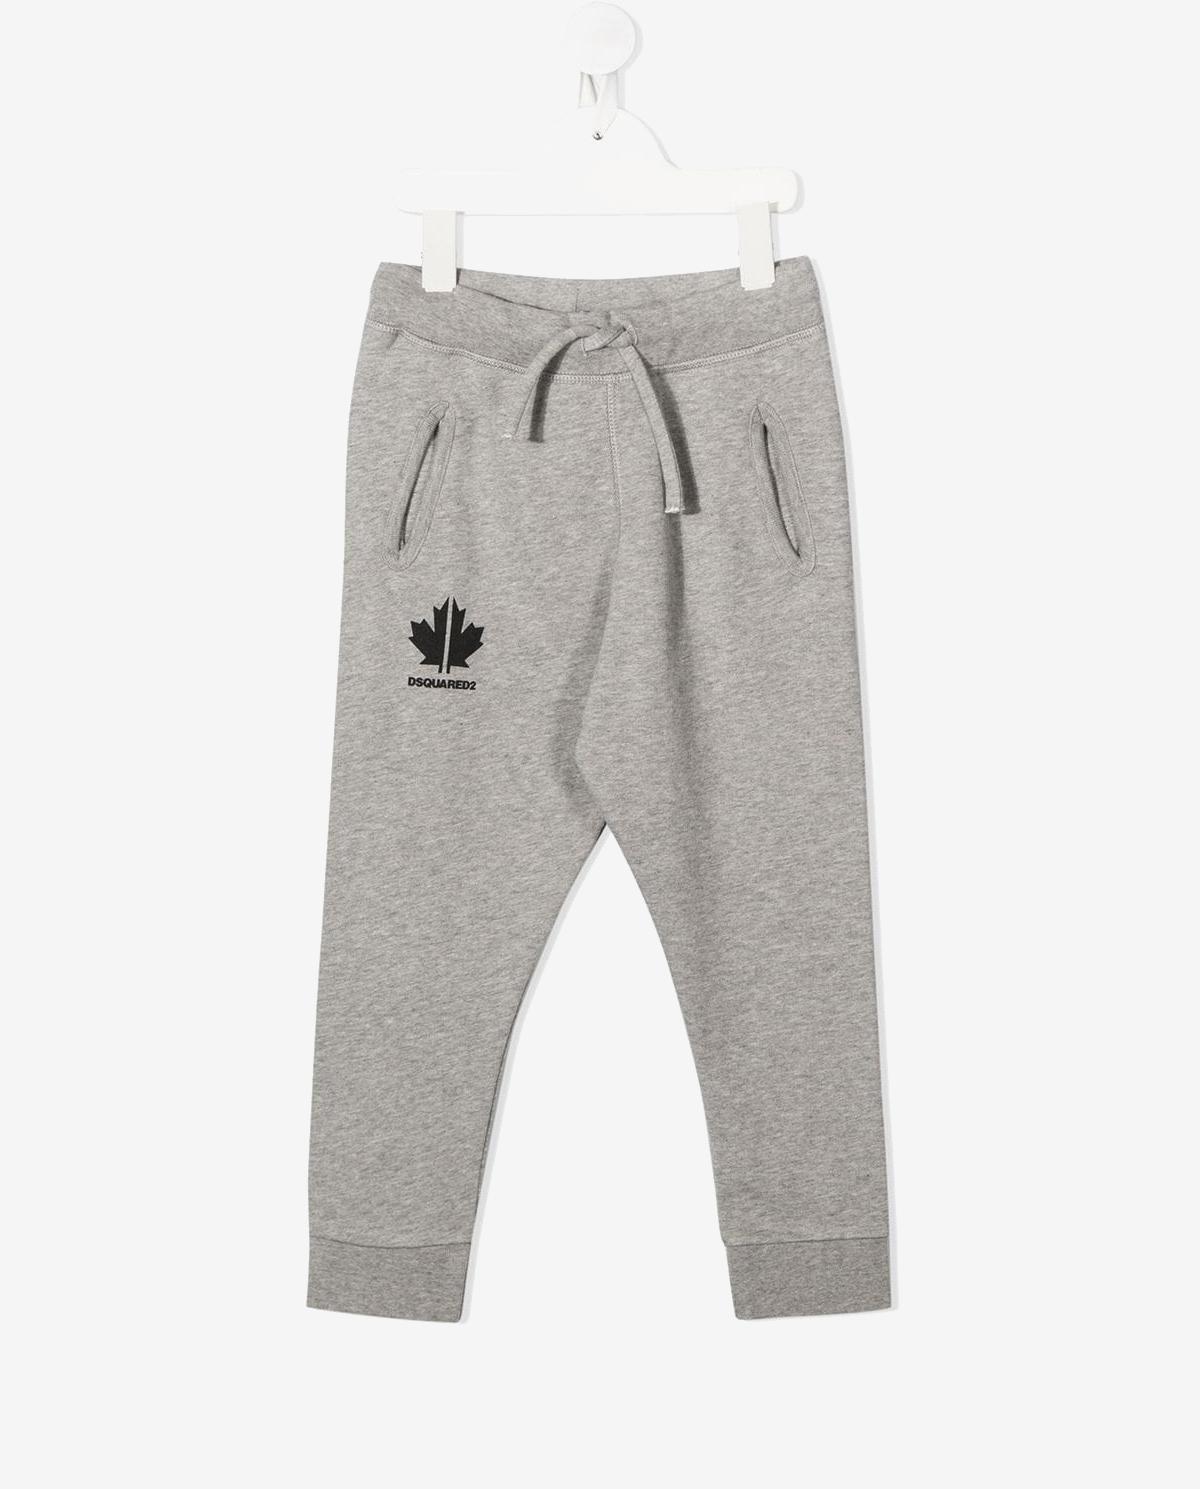 Szare spodnie z bawełny 4-16 lat Dsquared2 Kids DQ048G D00J8 DQ911